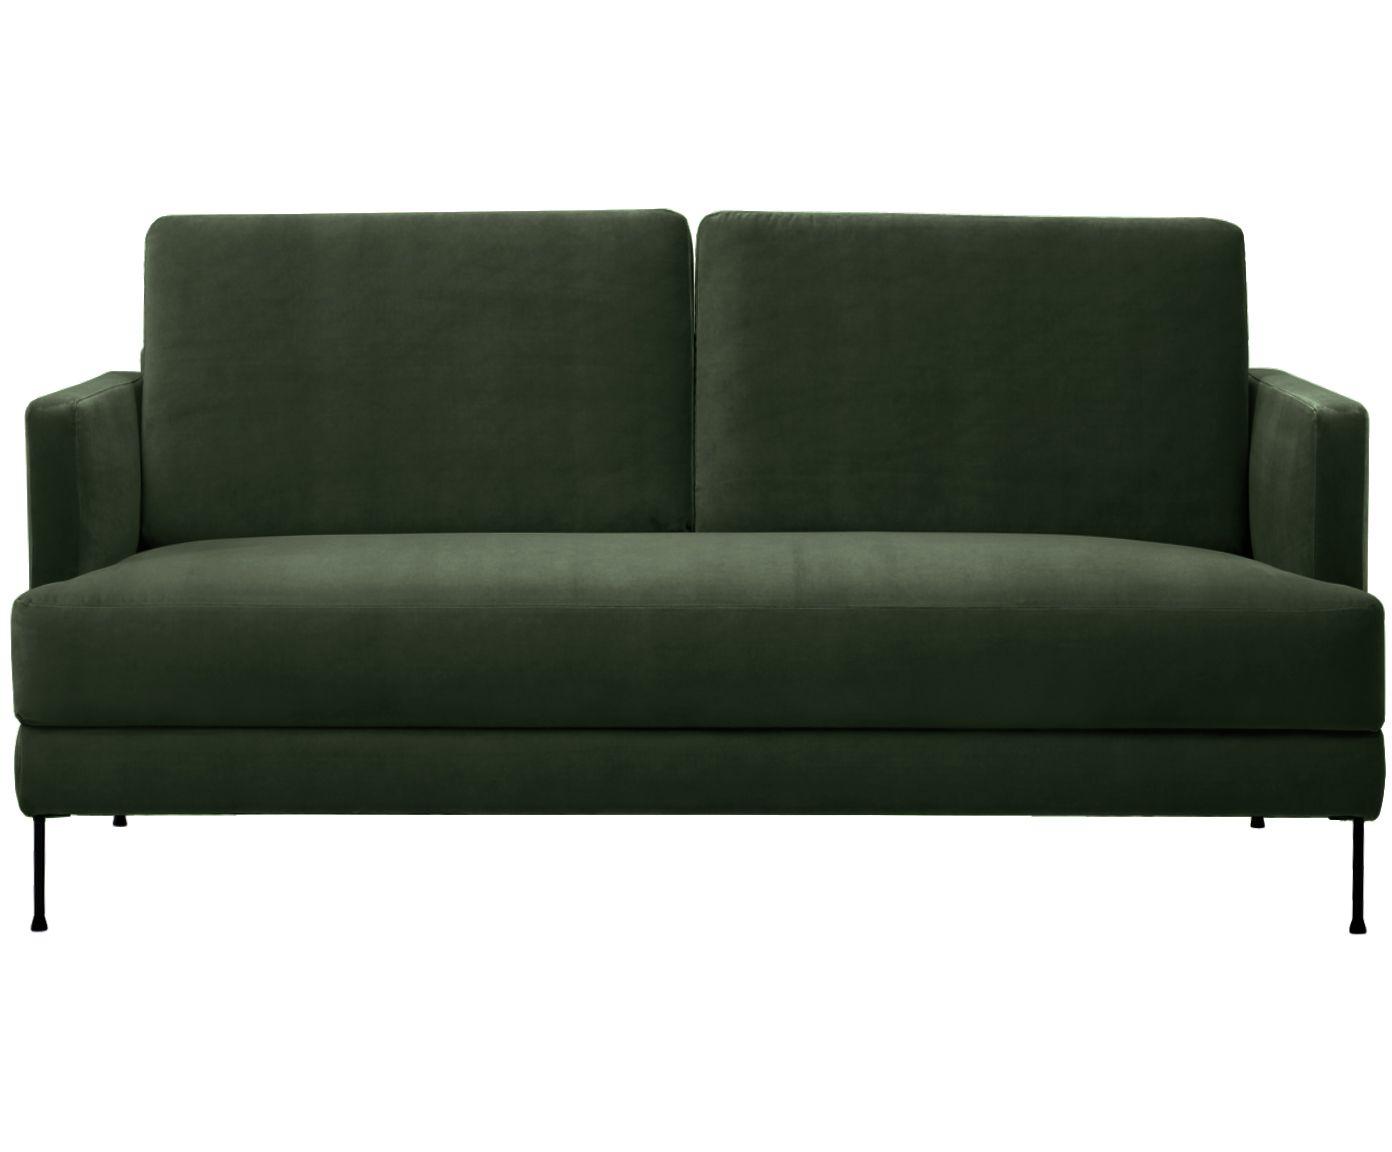 Brilliant Samtsofa Grün Referenz Von Machen Sie Ihr Wohnzimmer Mit Samt-sofa Fluente